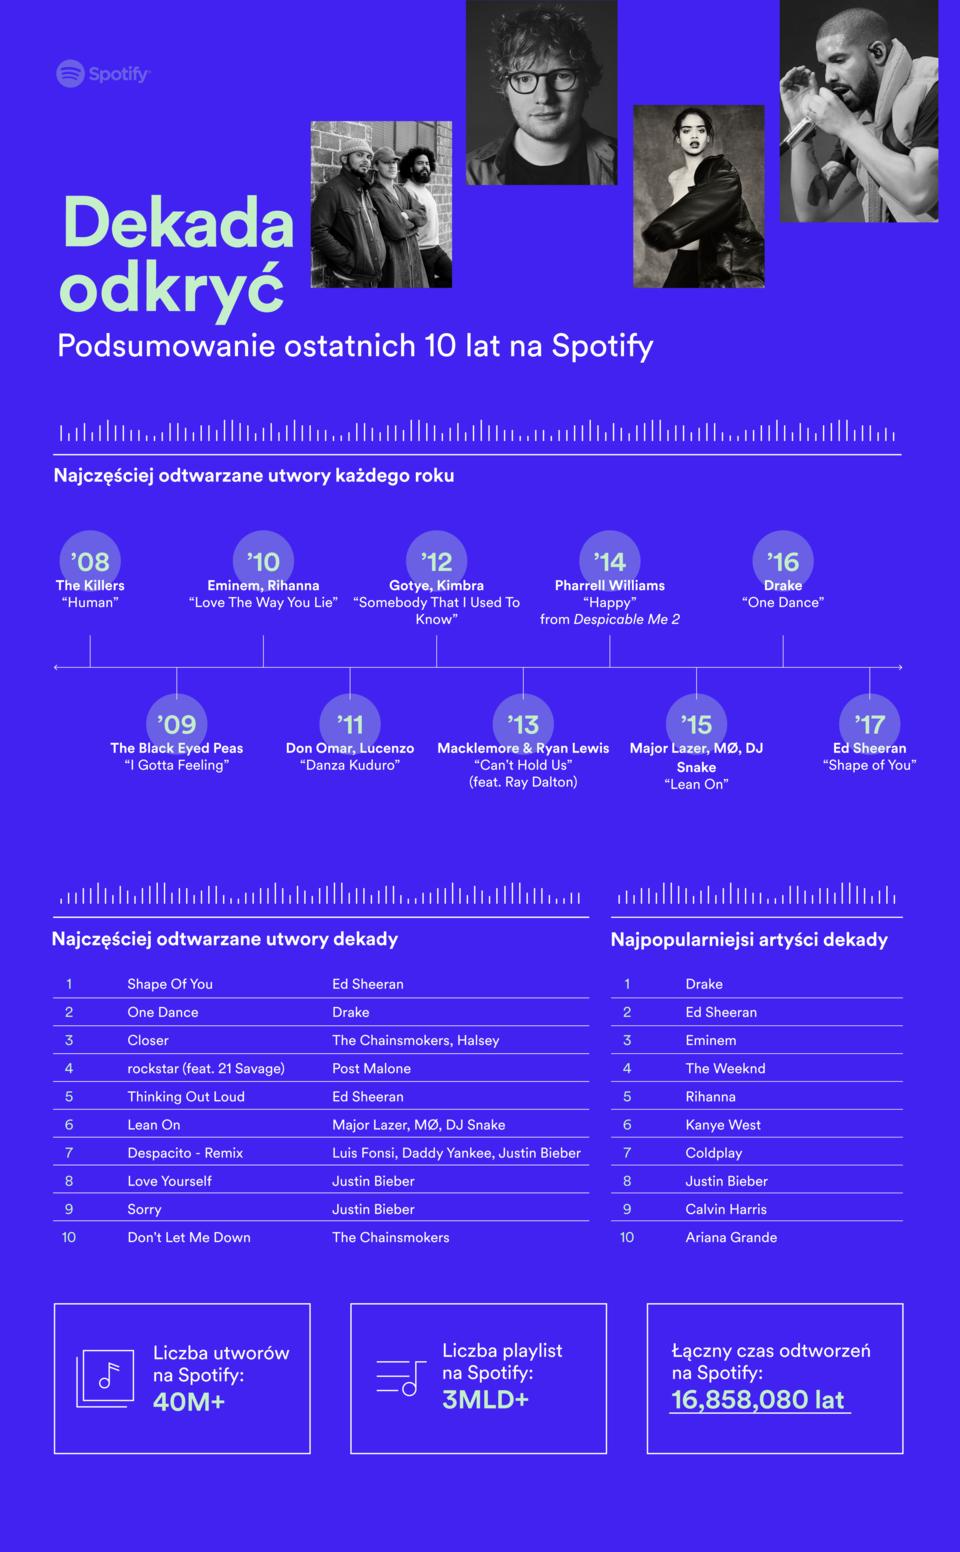 Dekada odkryć Spotify.png